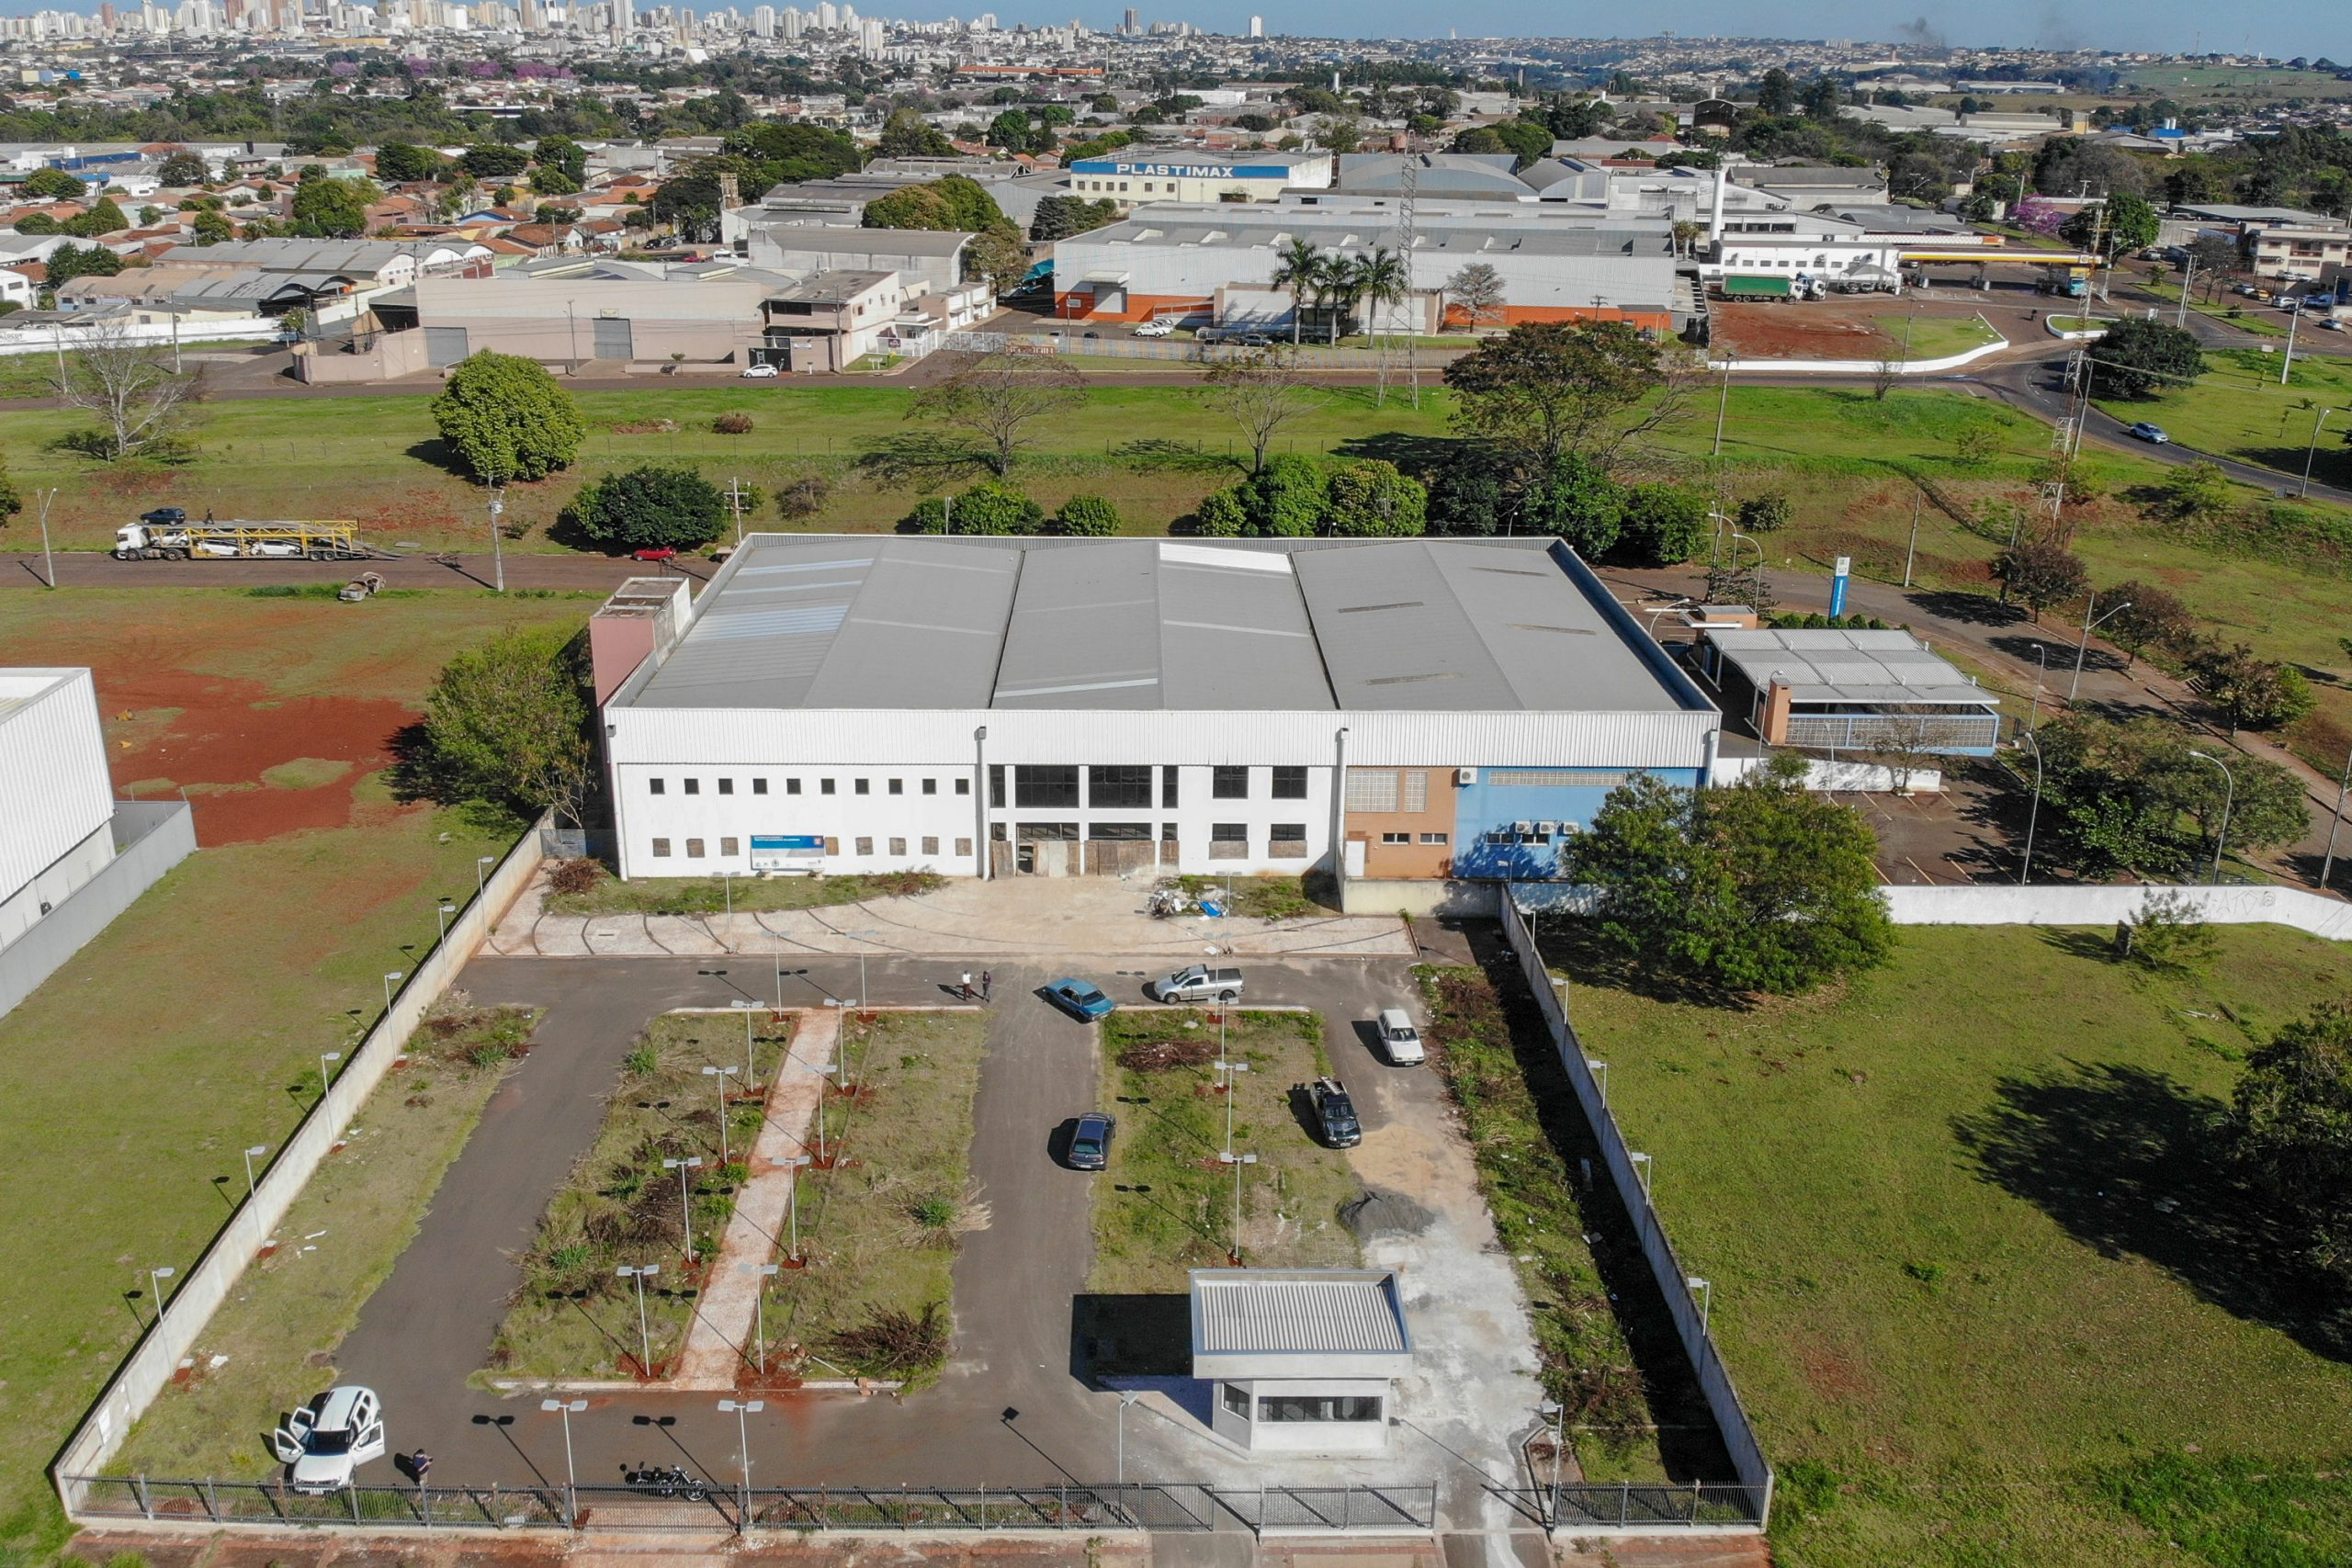 Barracão vai se transformar na casa da inovação de Londrina